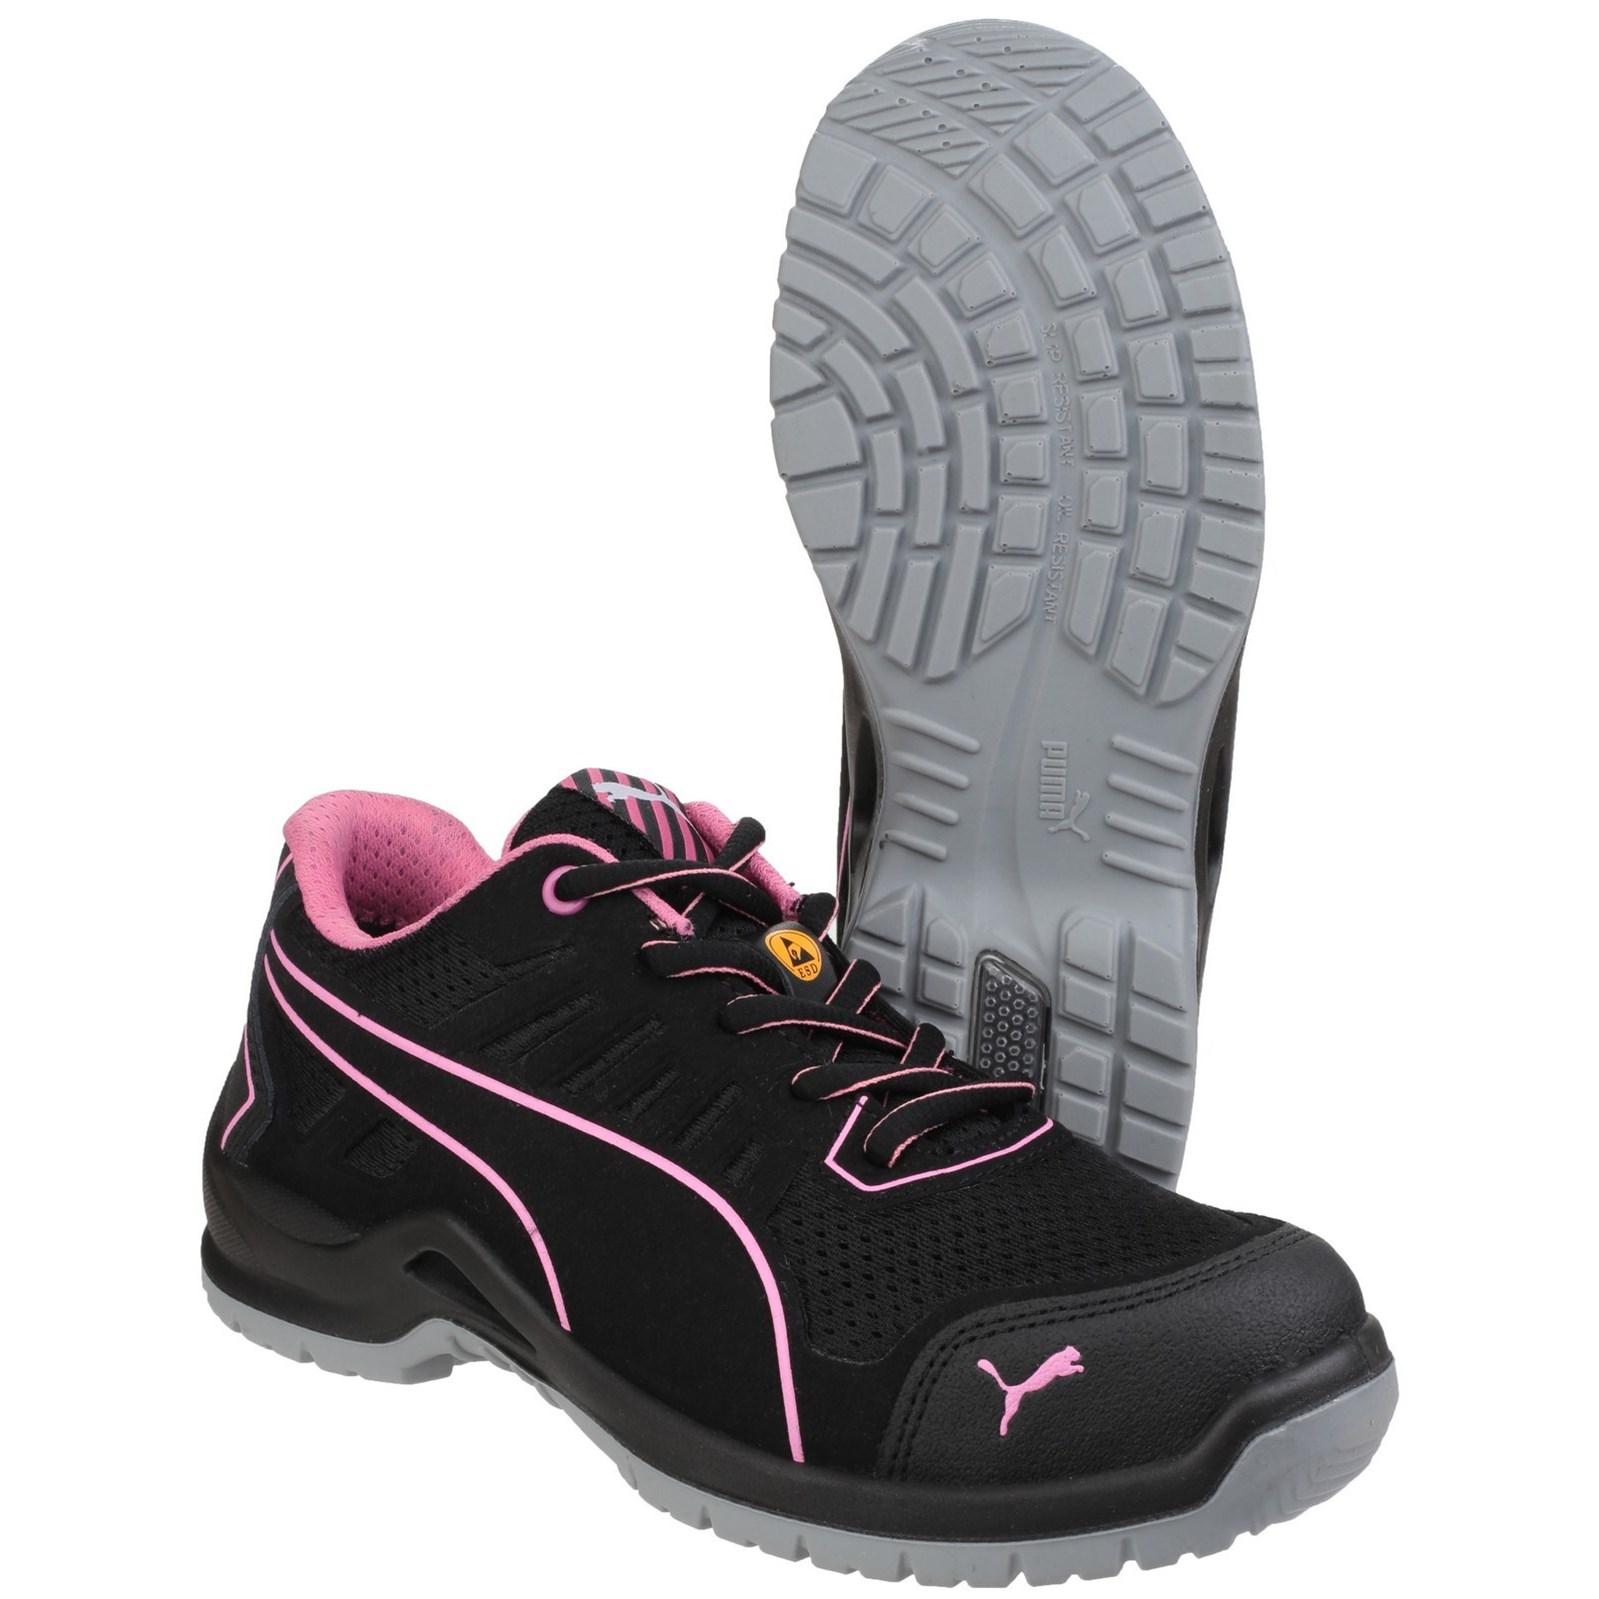 Detalles de Puma Fusible de baja Zapatillas para mujer de seguridad Technic entresuela compuestoPuntera De Acero S1 ver título original